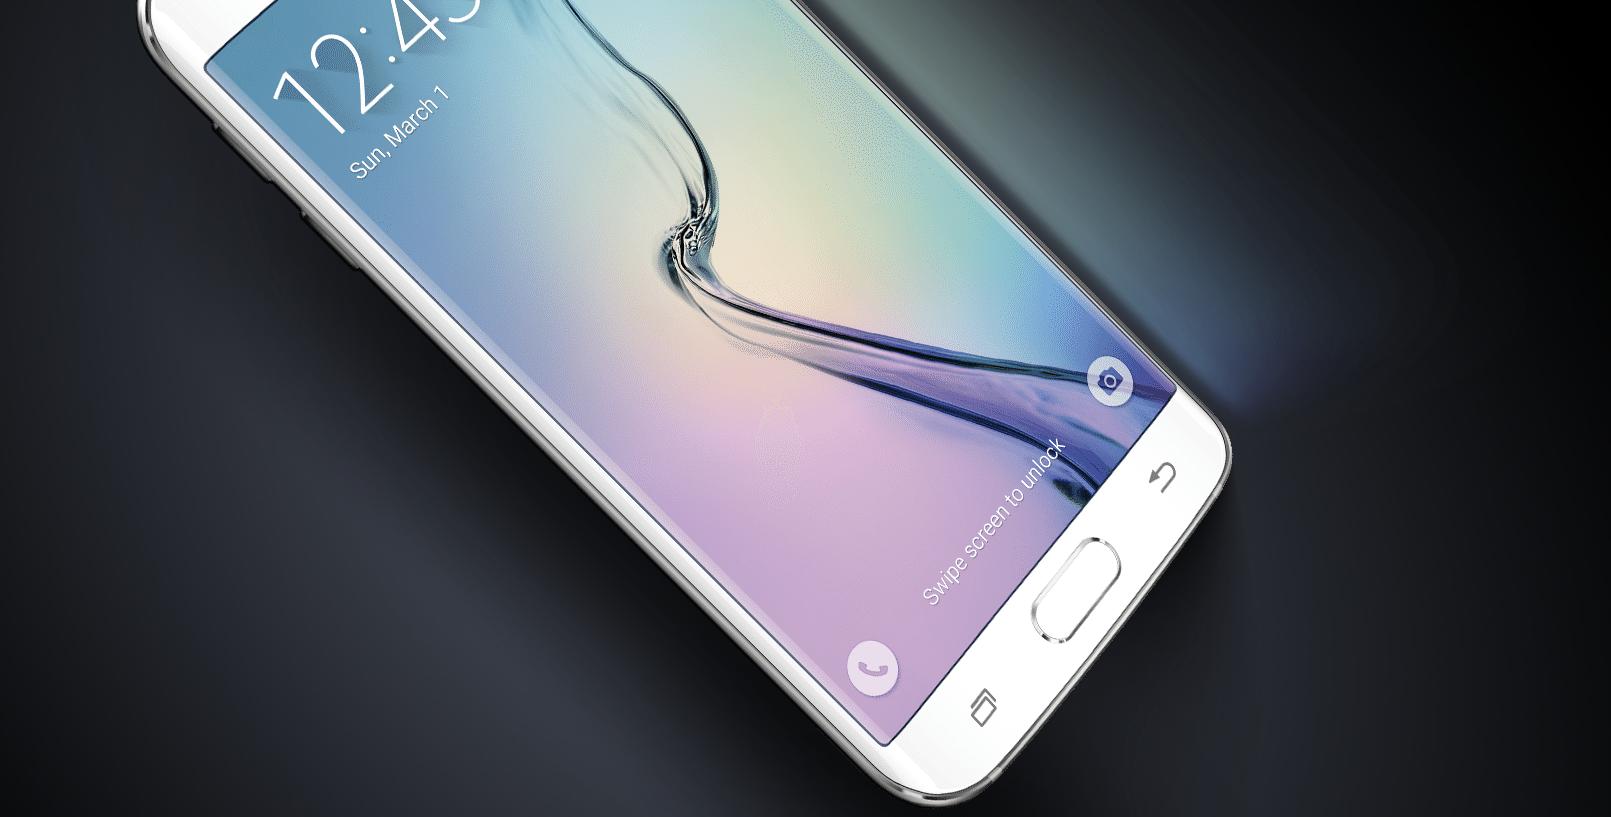 Samsung zachwycił świat, ale zaczarować rynek będzie trudniej